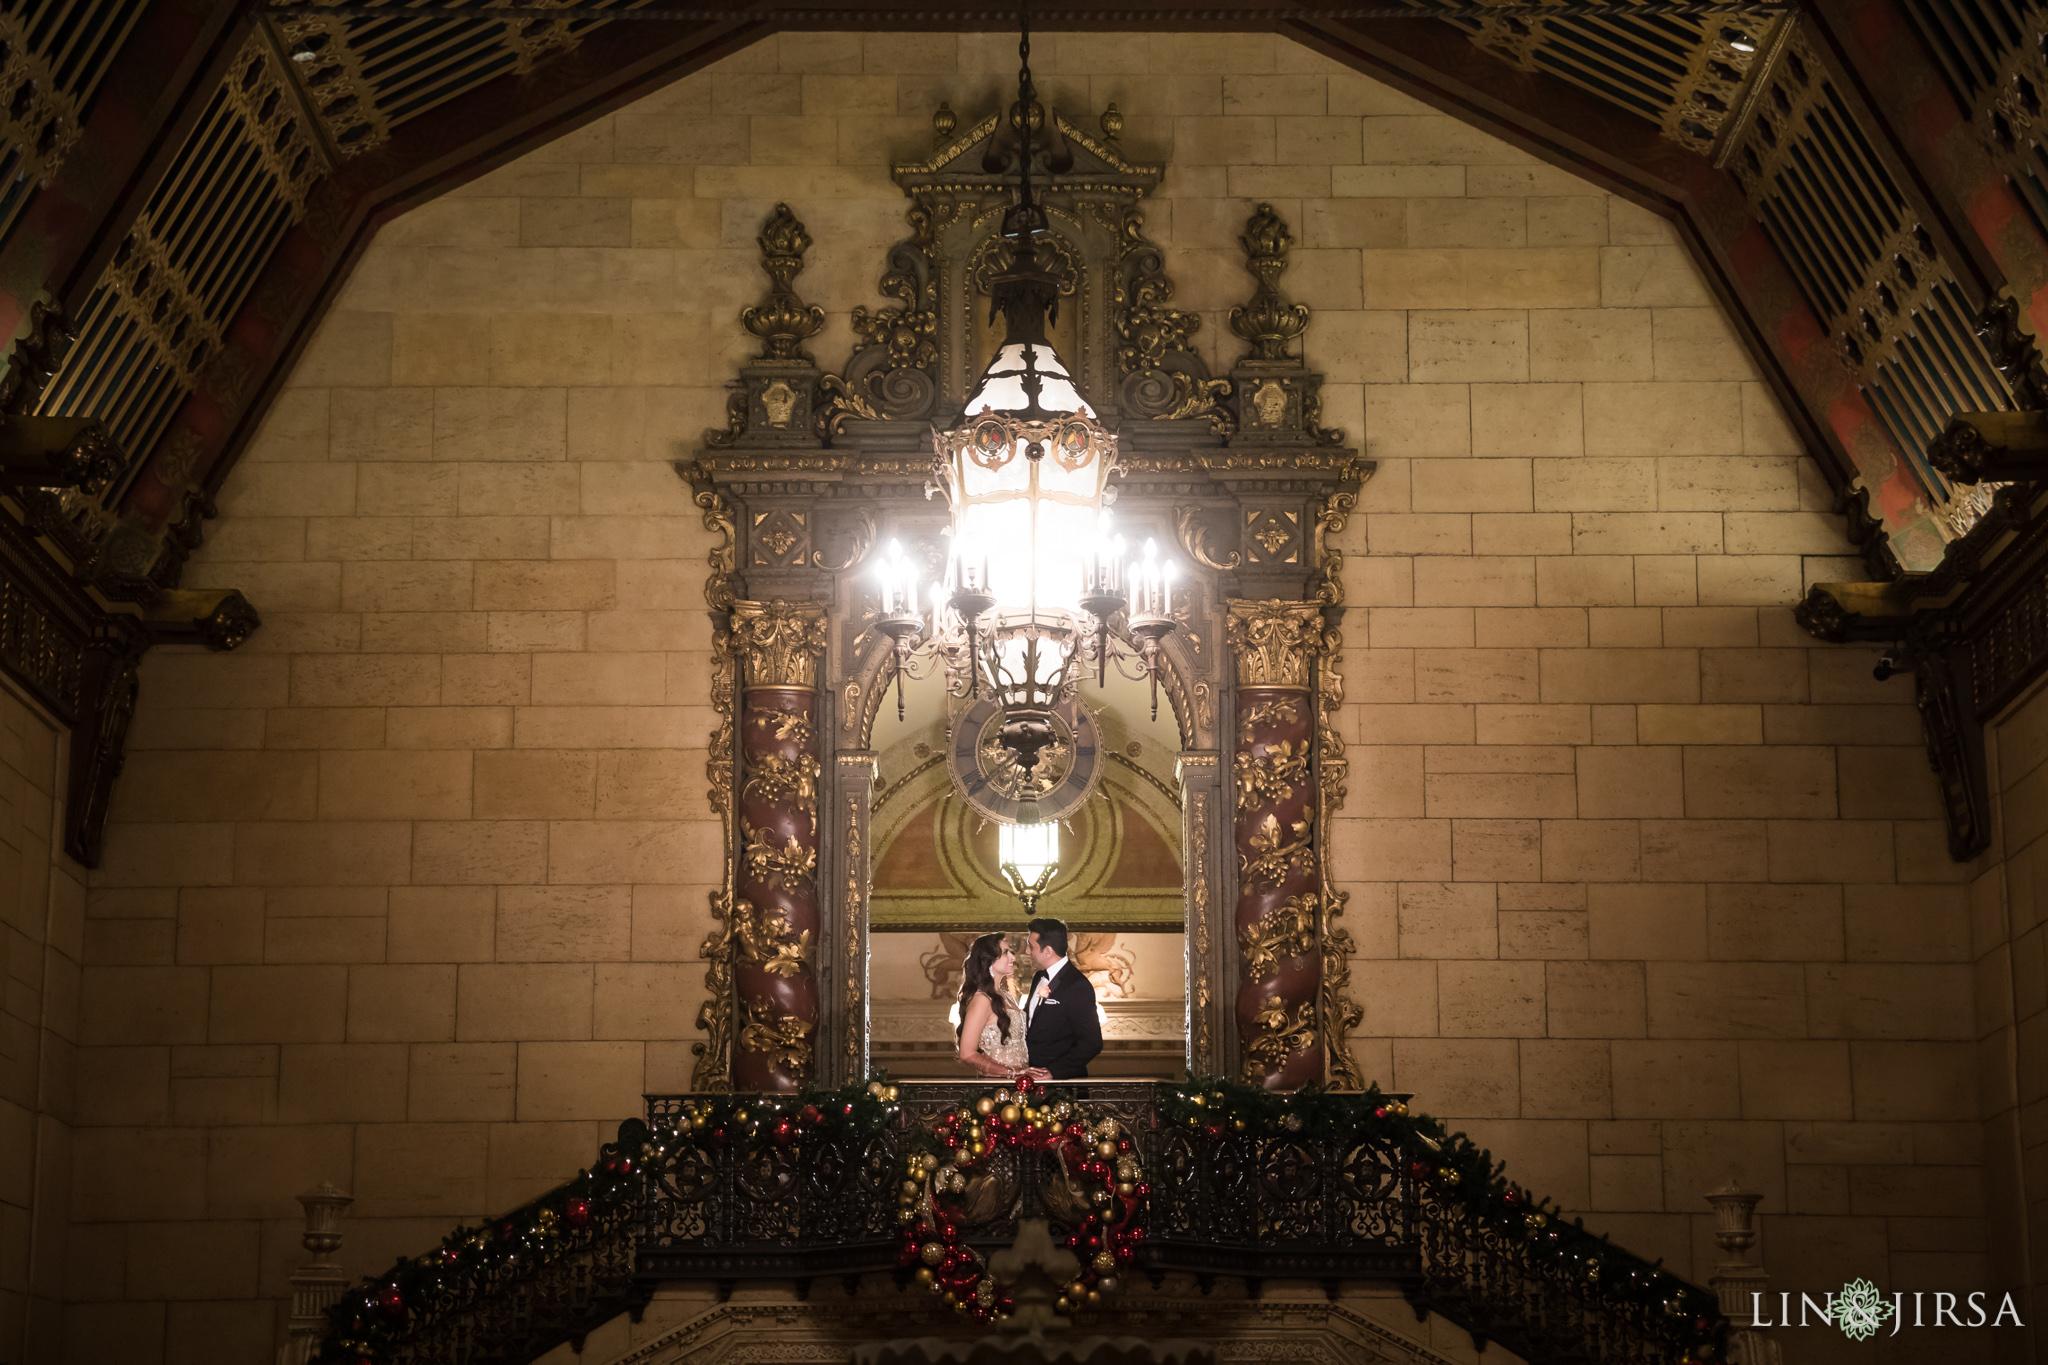 11-biltmore-hotel-los-angeles-wedding-reception-photography